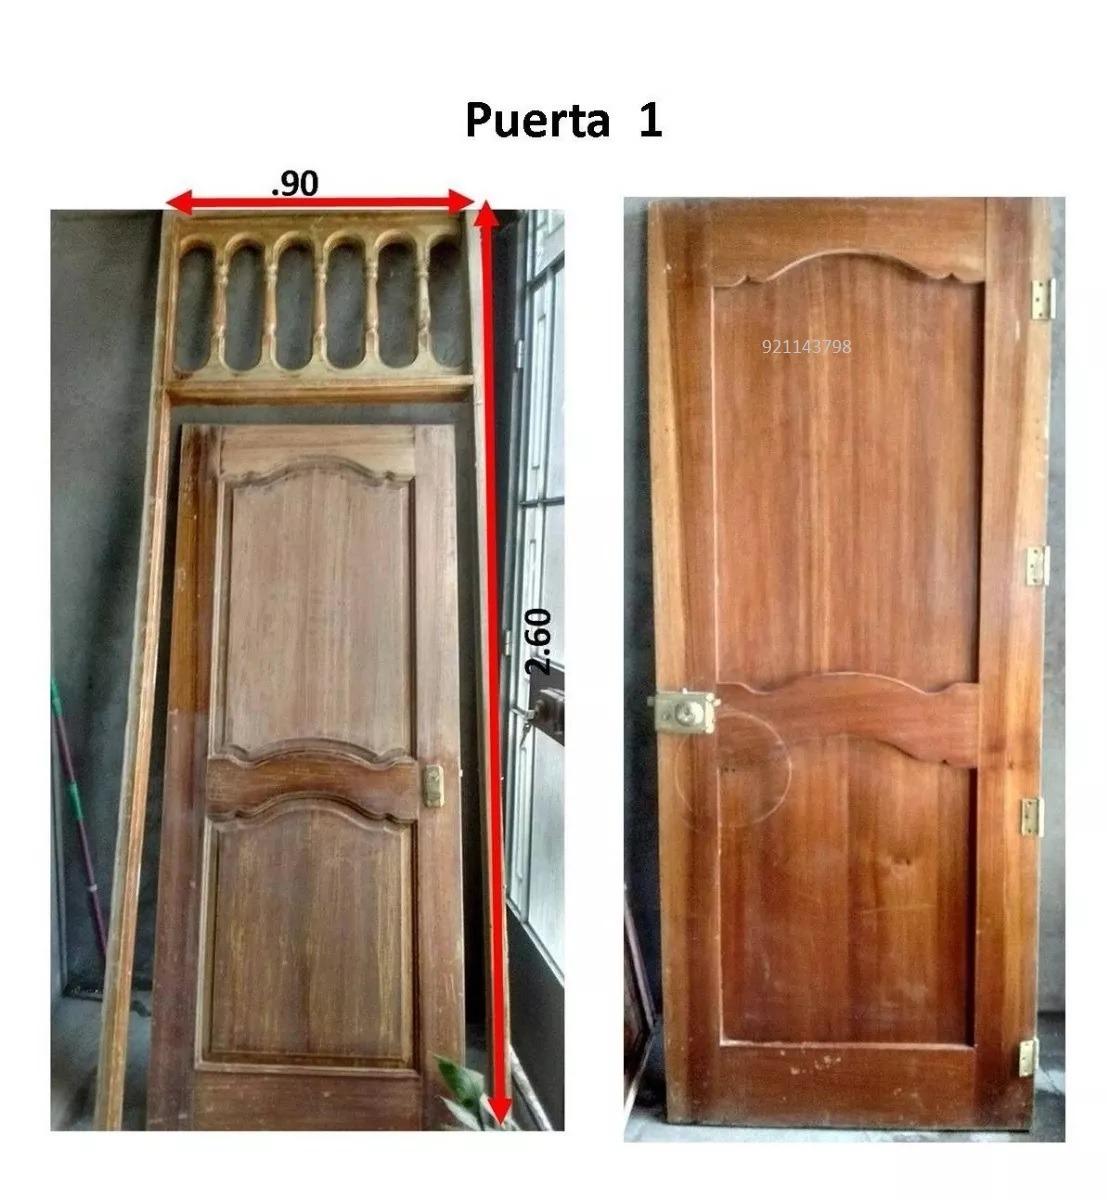 Puertas hechas con palets diy palets with puertas hechas for Cuanto cuesta una puerta de madera